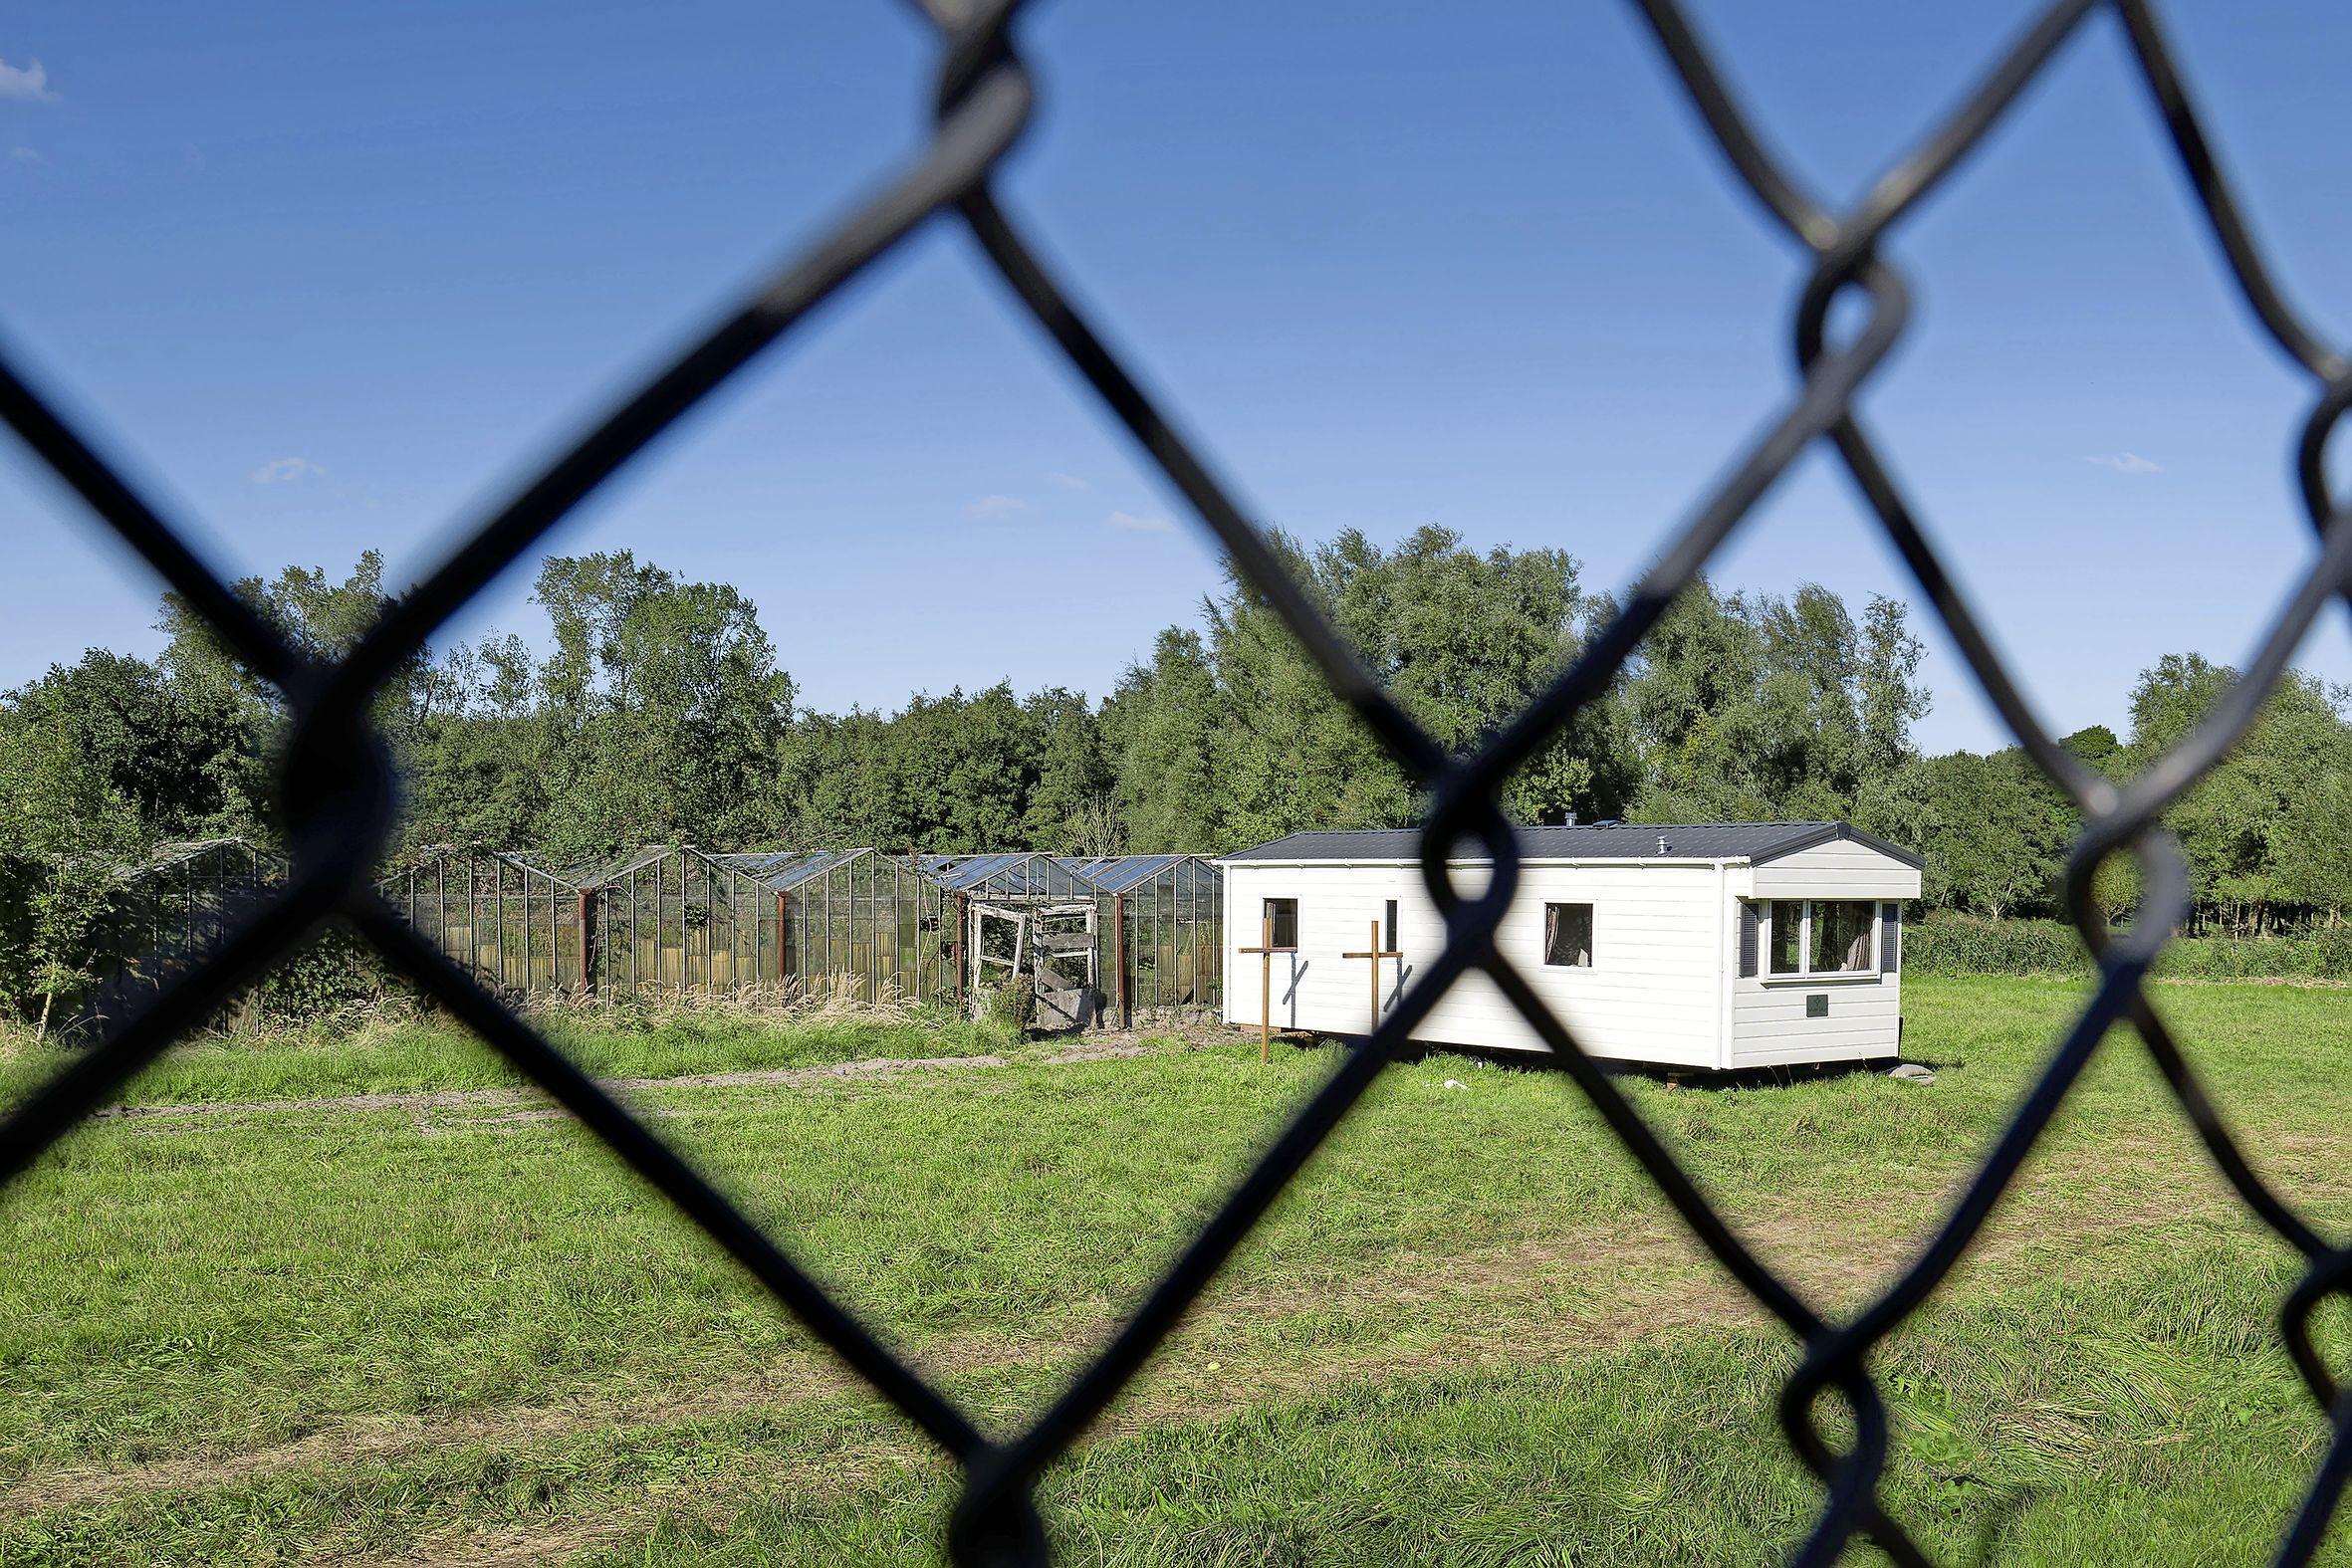 Woningen op verloederde vakantieparken? De Provincie maakt het mogelijk. Maar: 'Dit zal de woningnood niet oplossen'